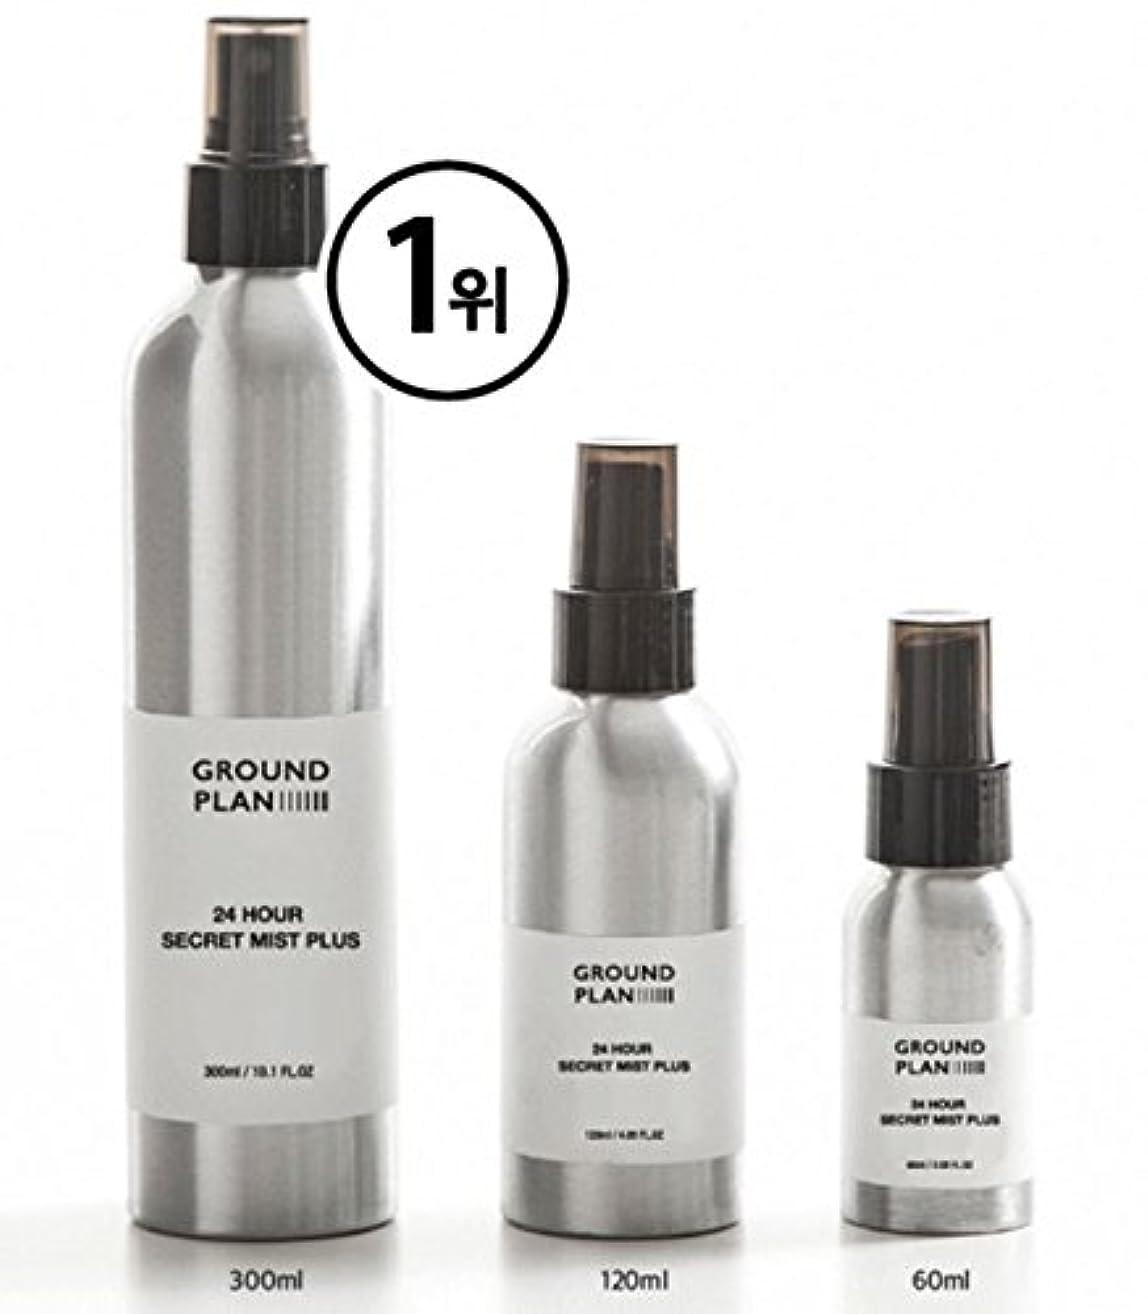 戦士オピエート枝[グラウンド?プラン] 24Hour 秘密 スキンミスト Plus (120ml) (300ml) Ground plan 24 Hour Secret Skin Mist Plus [海外直送品] (120ml)